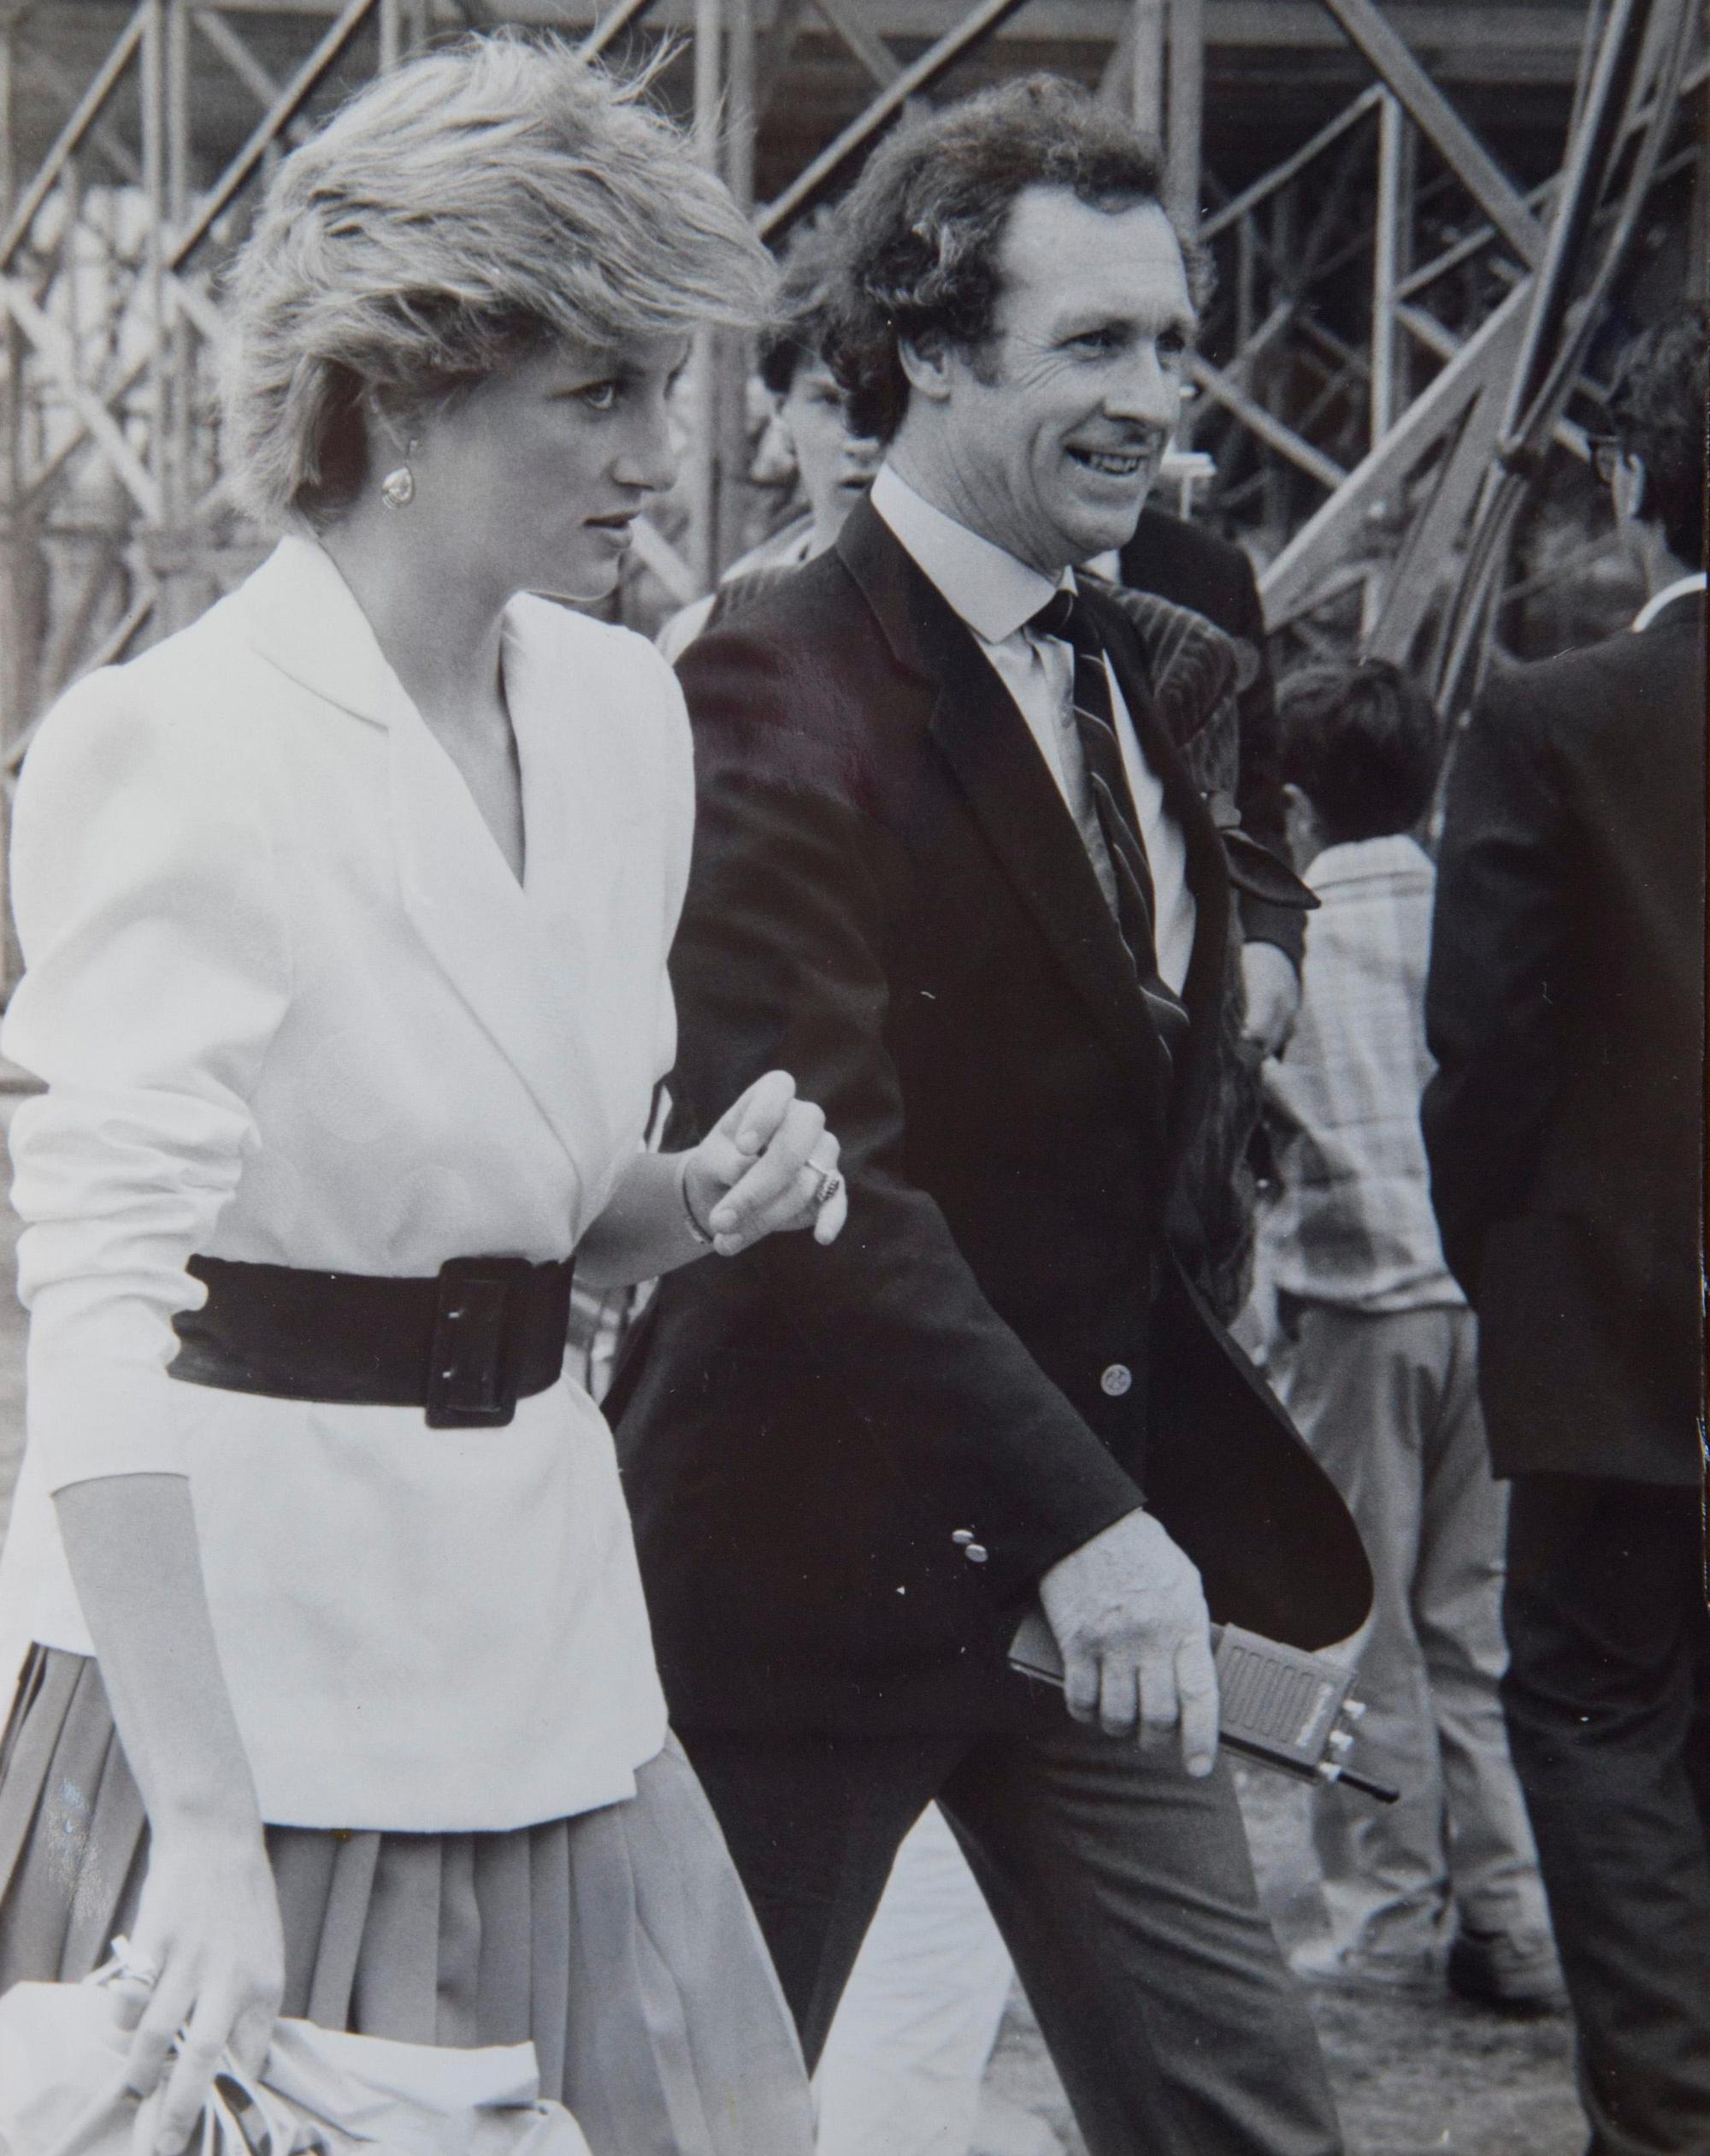 Bí mật bên trong căn phòng phủ kín chăn bảo vệ thi thể Công nương Diana và bức ảnh cuối cùng về bà không bao giờ được phép đăng tải  - Ảnh 1.